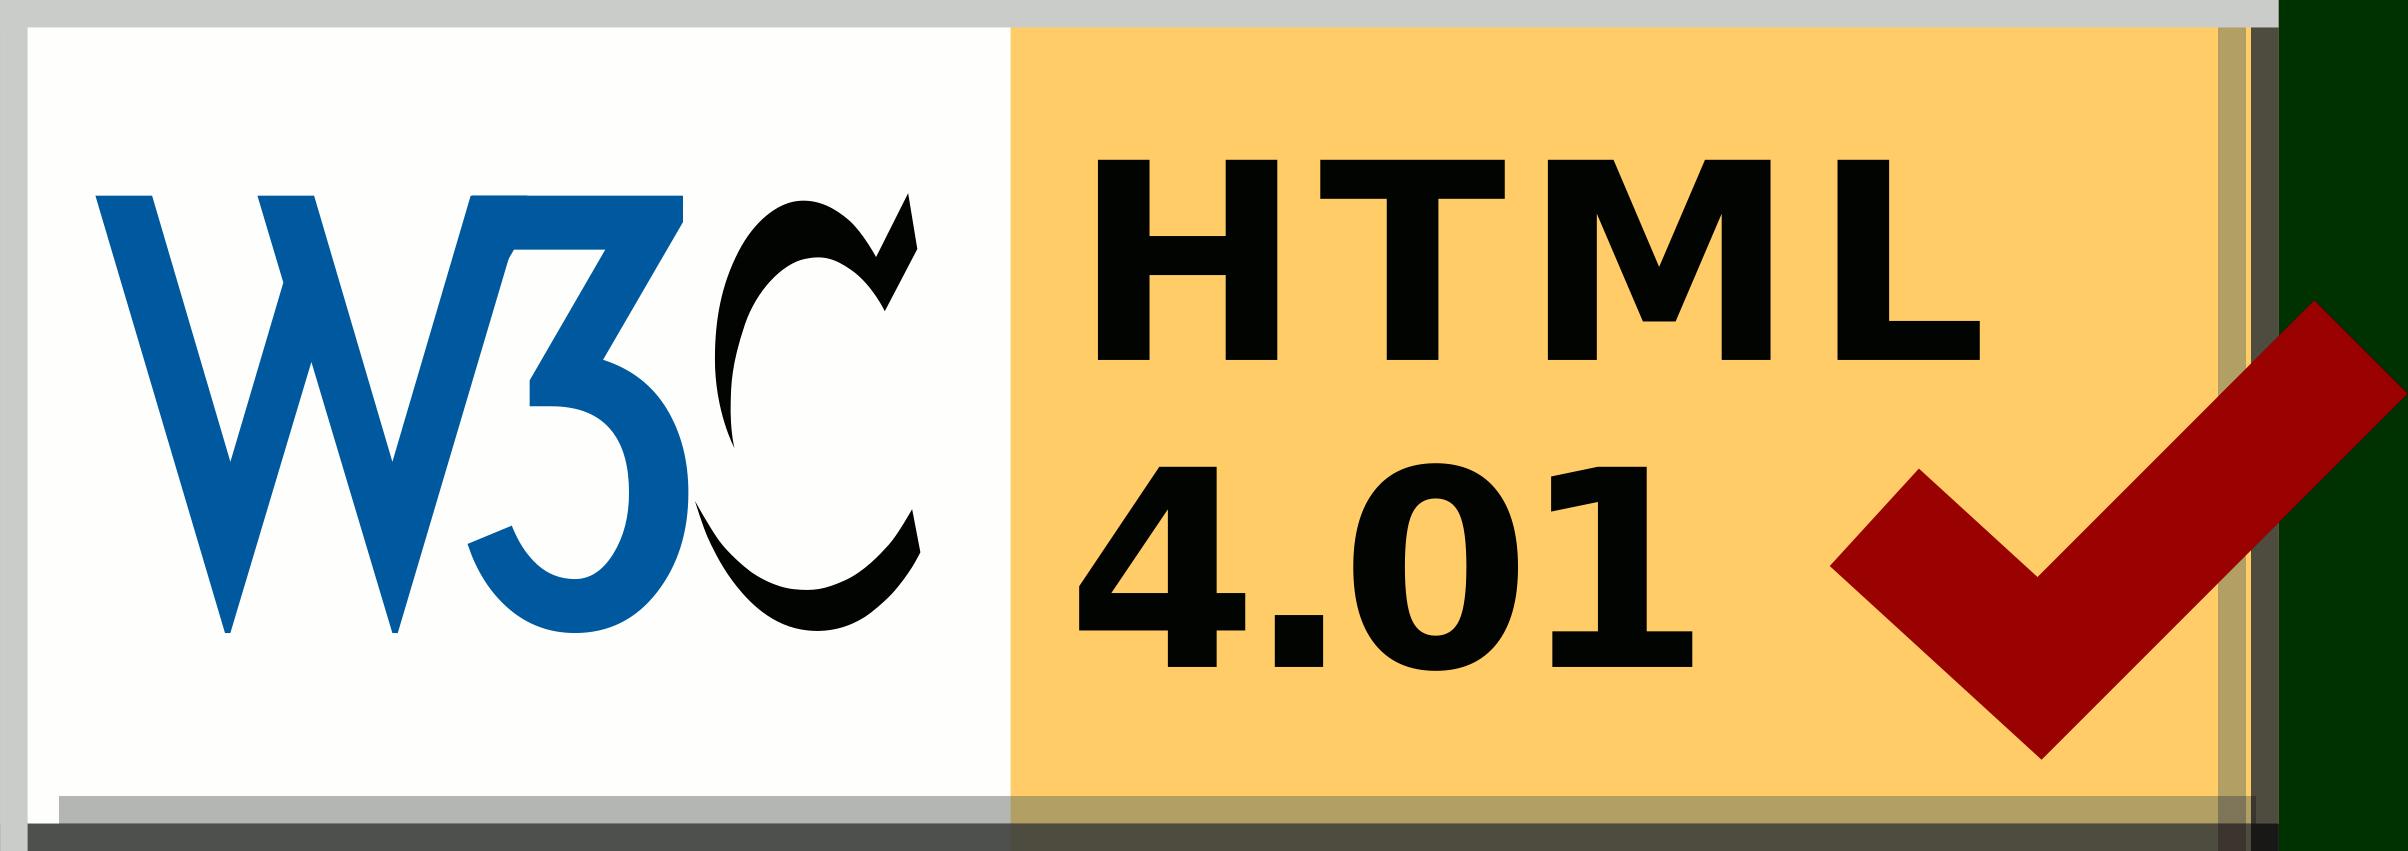 Poprawny HTML!